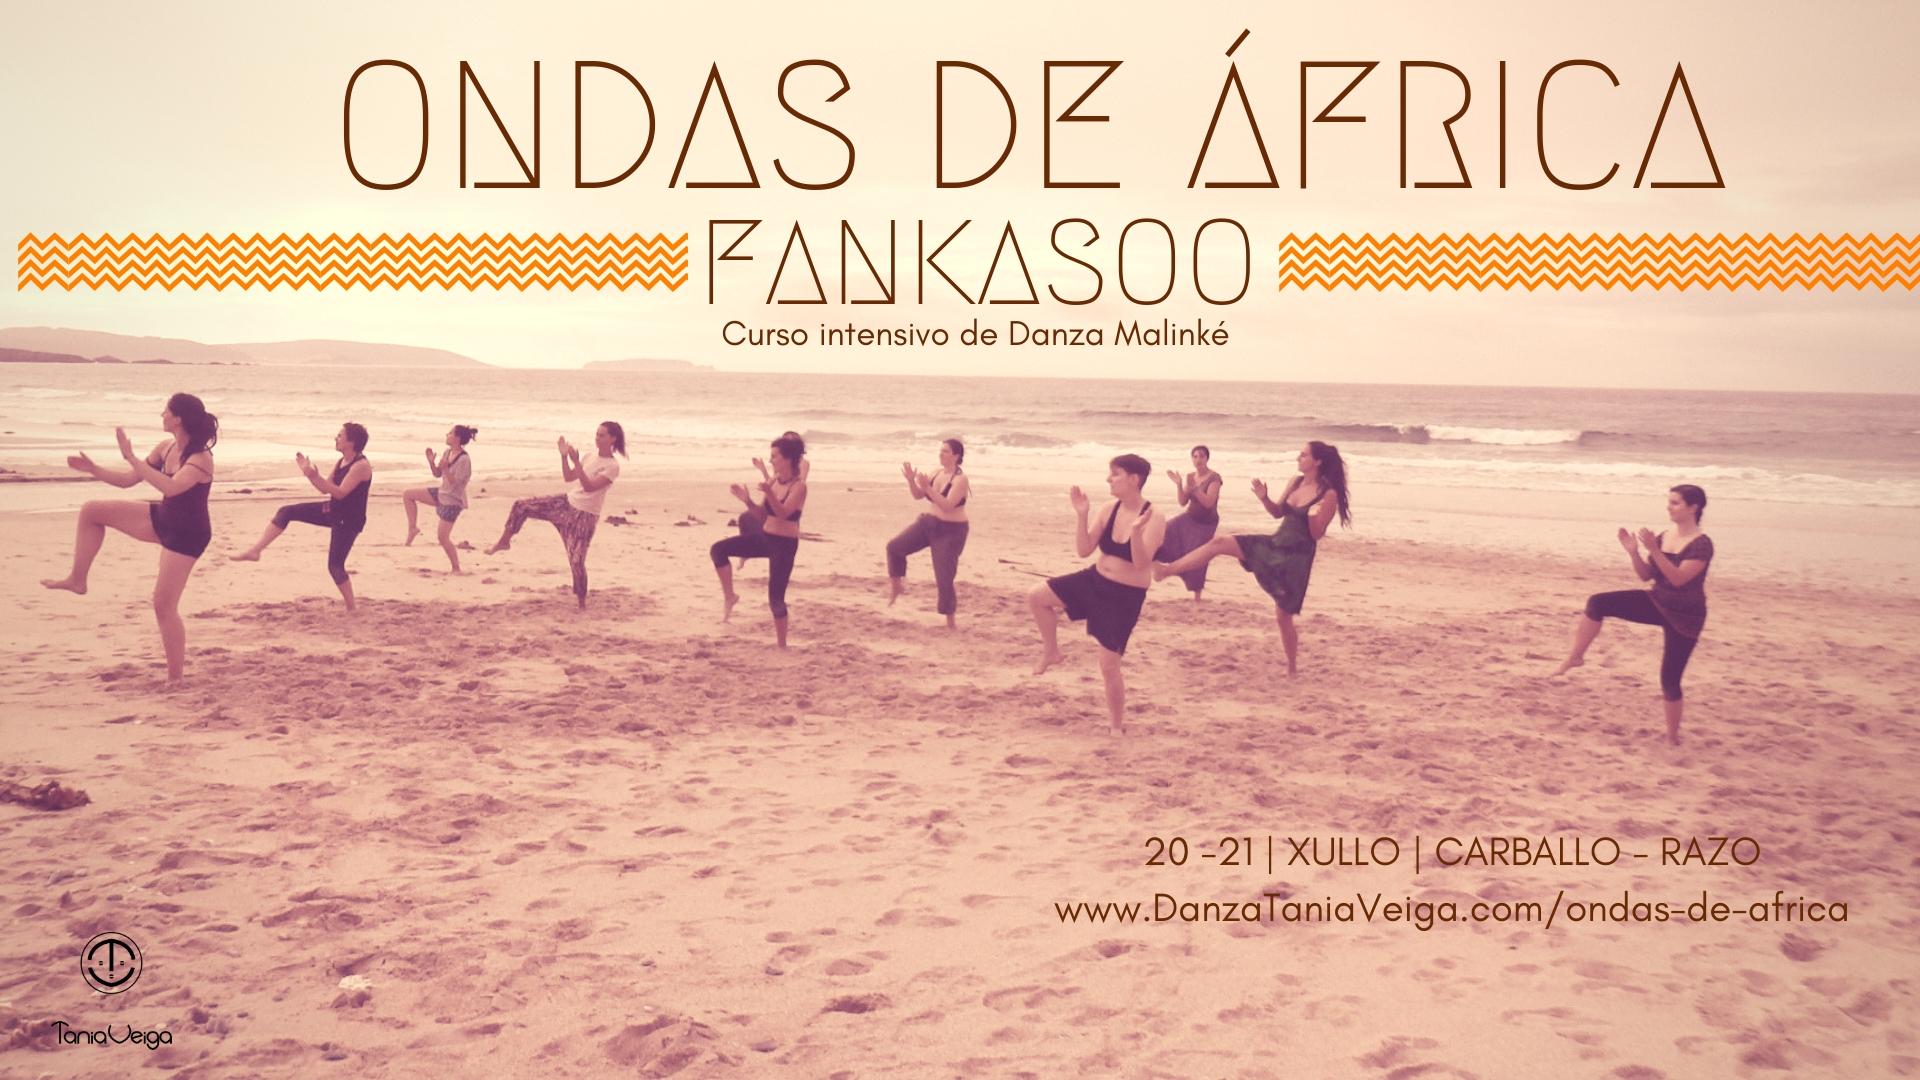 Ondas de África - Fankasoo curso intensivo de Danza Malinké